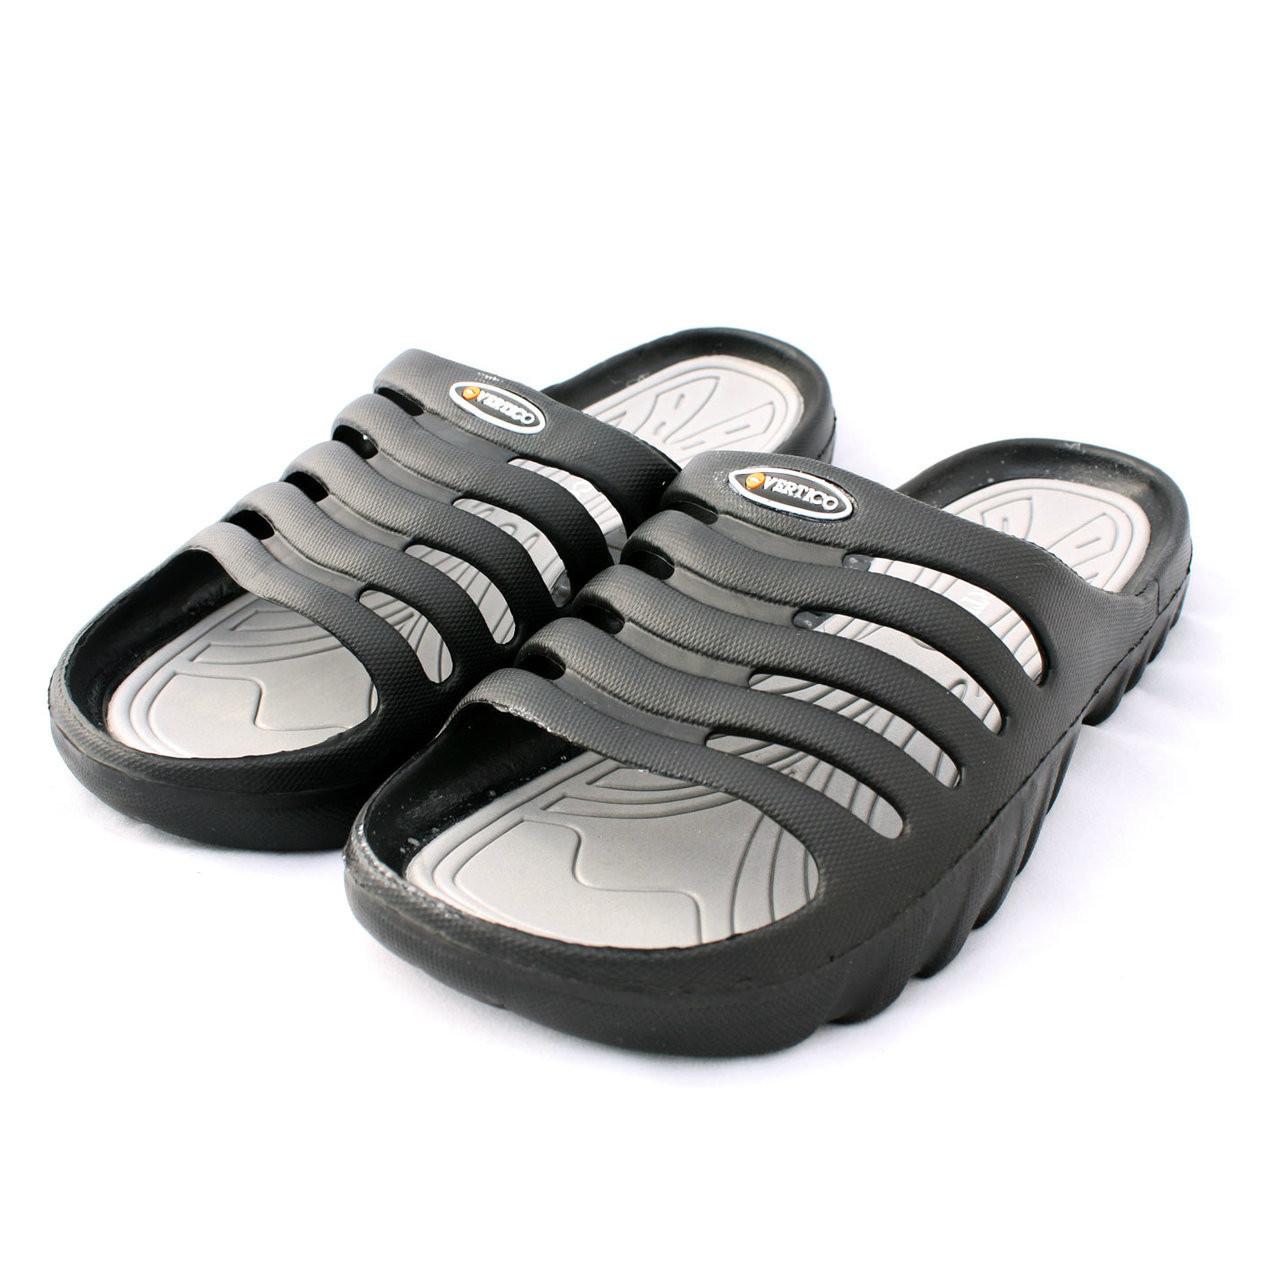 25cd1c8069cd Vertico Men s Shower Sandal - Slide-On